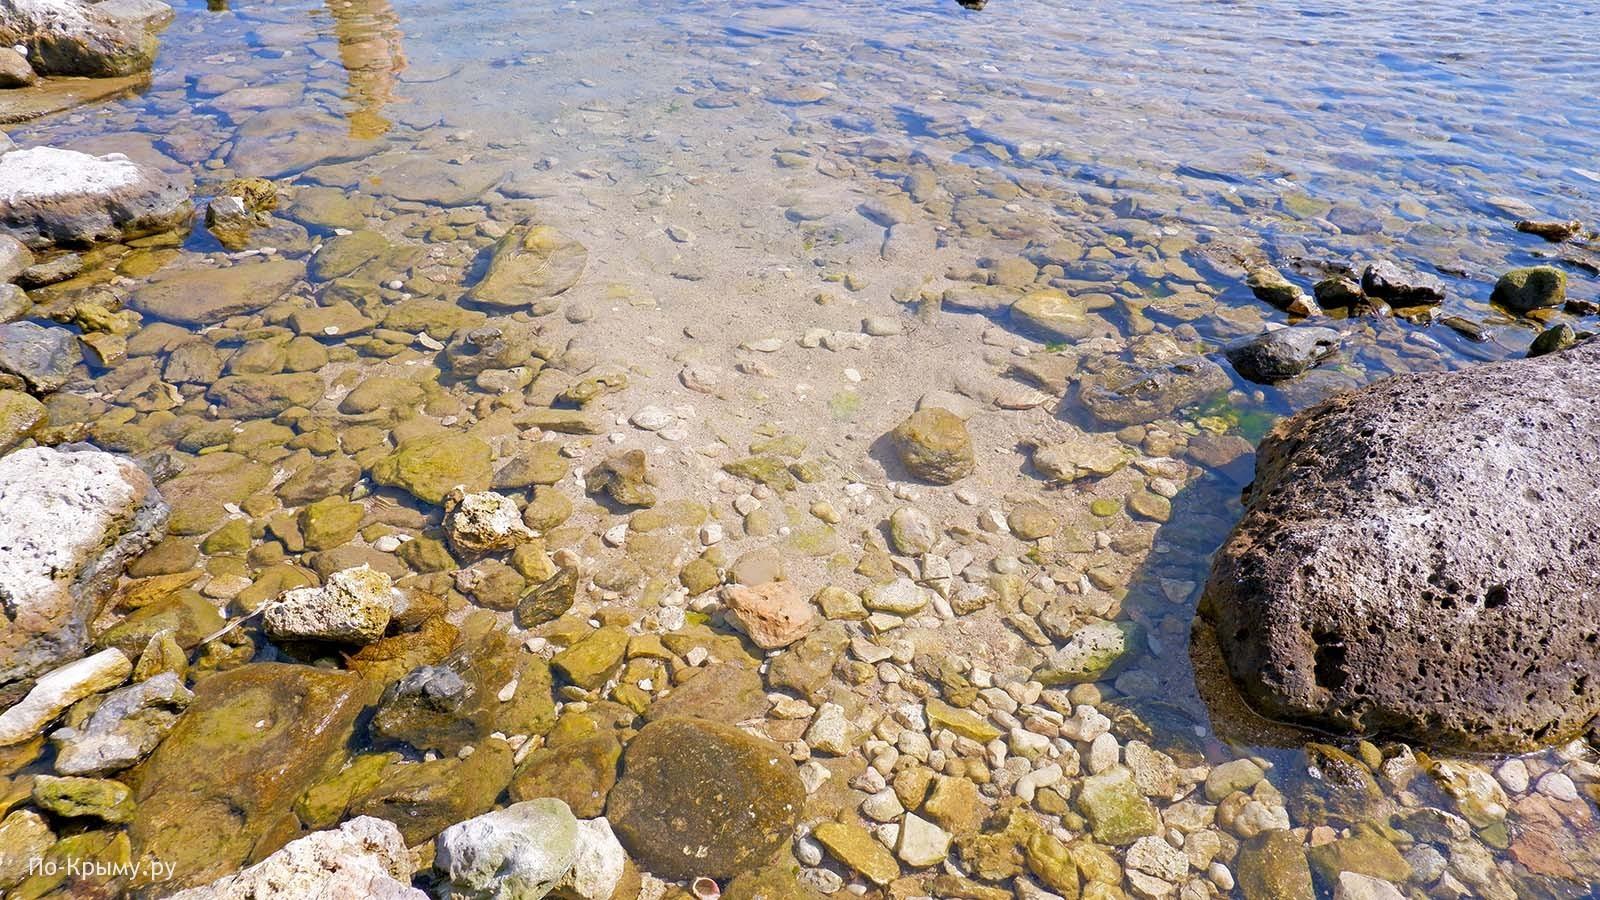 Тарханкутское побережье, вода в море